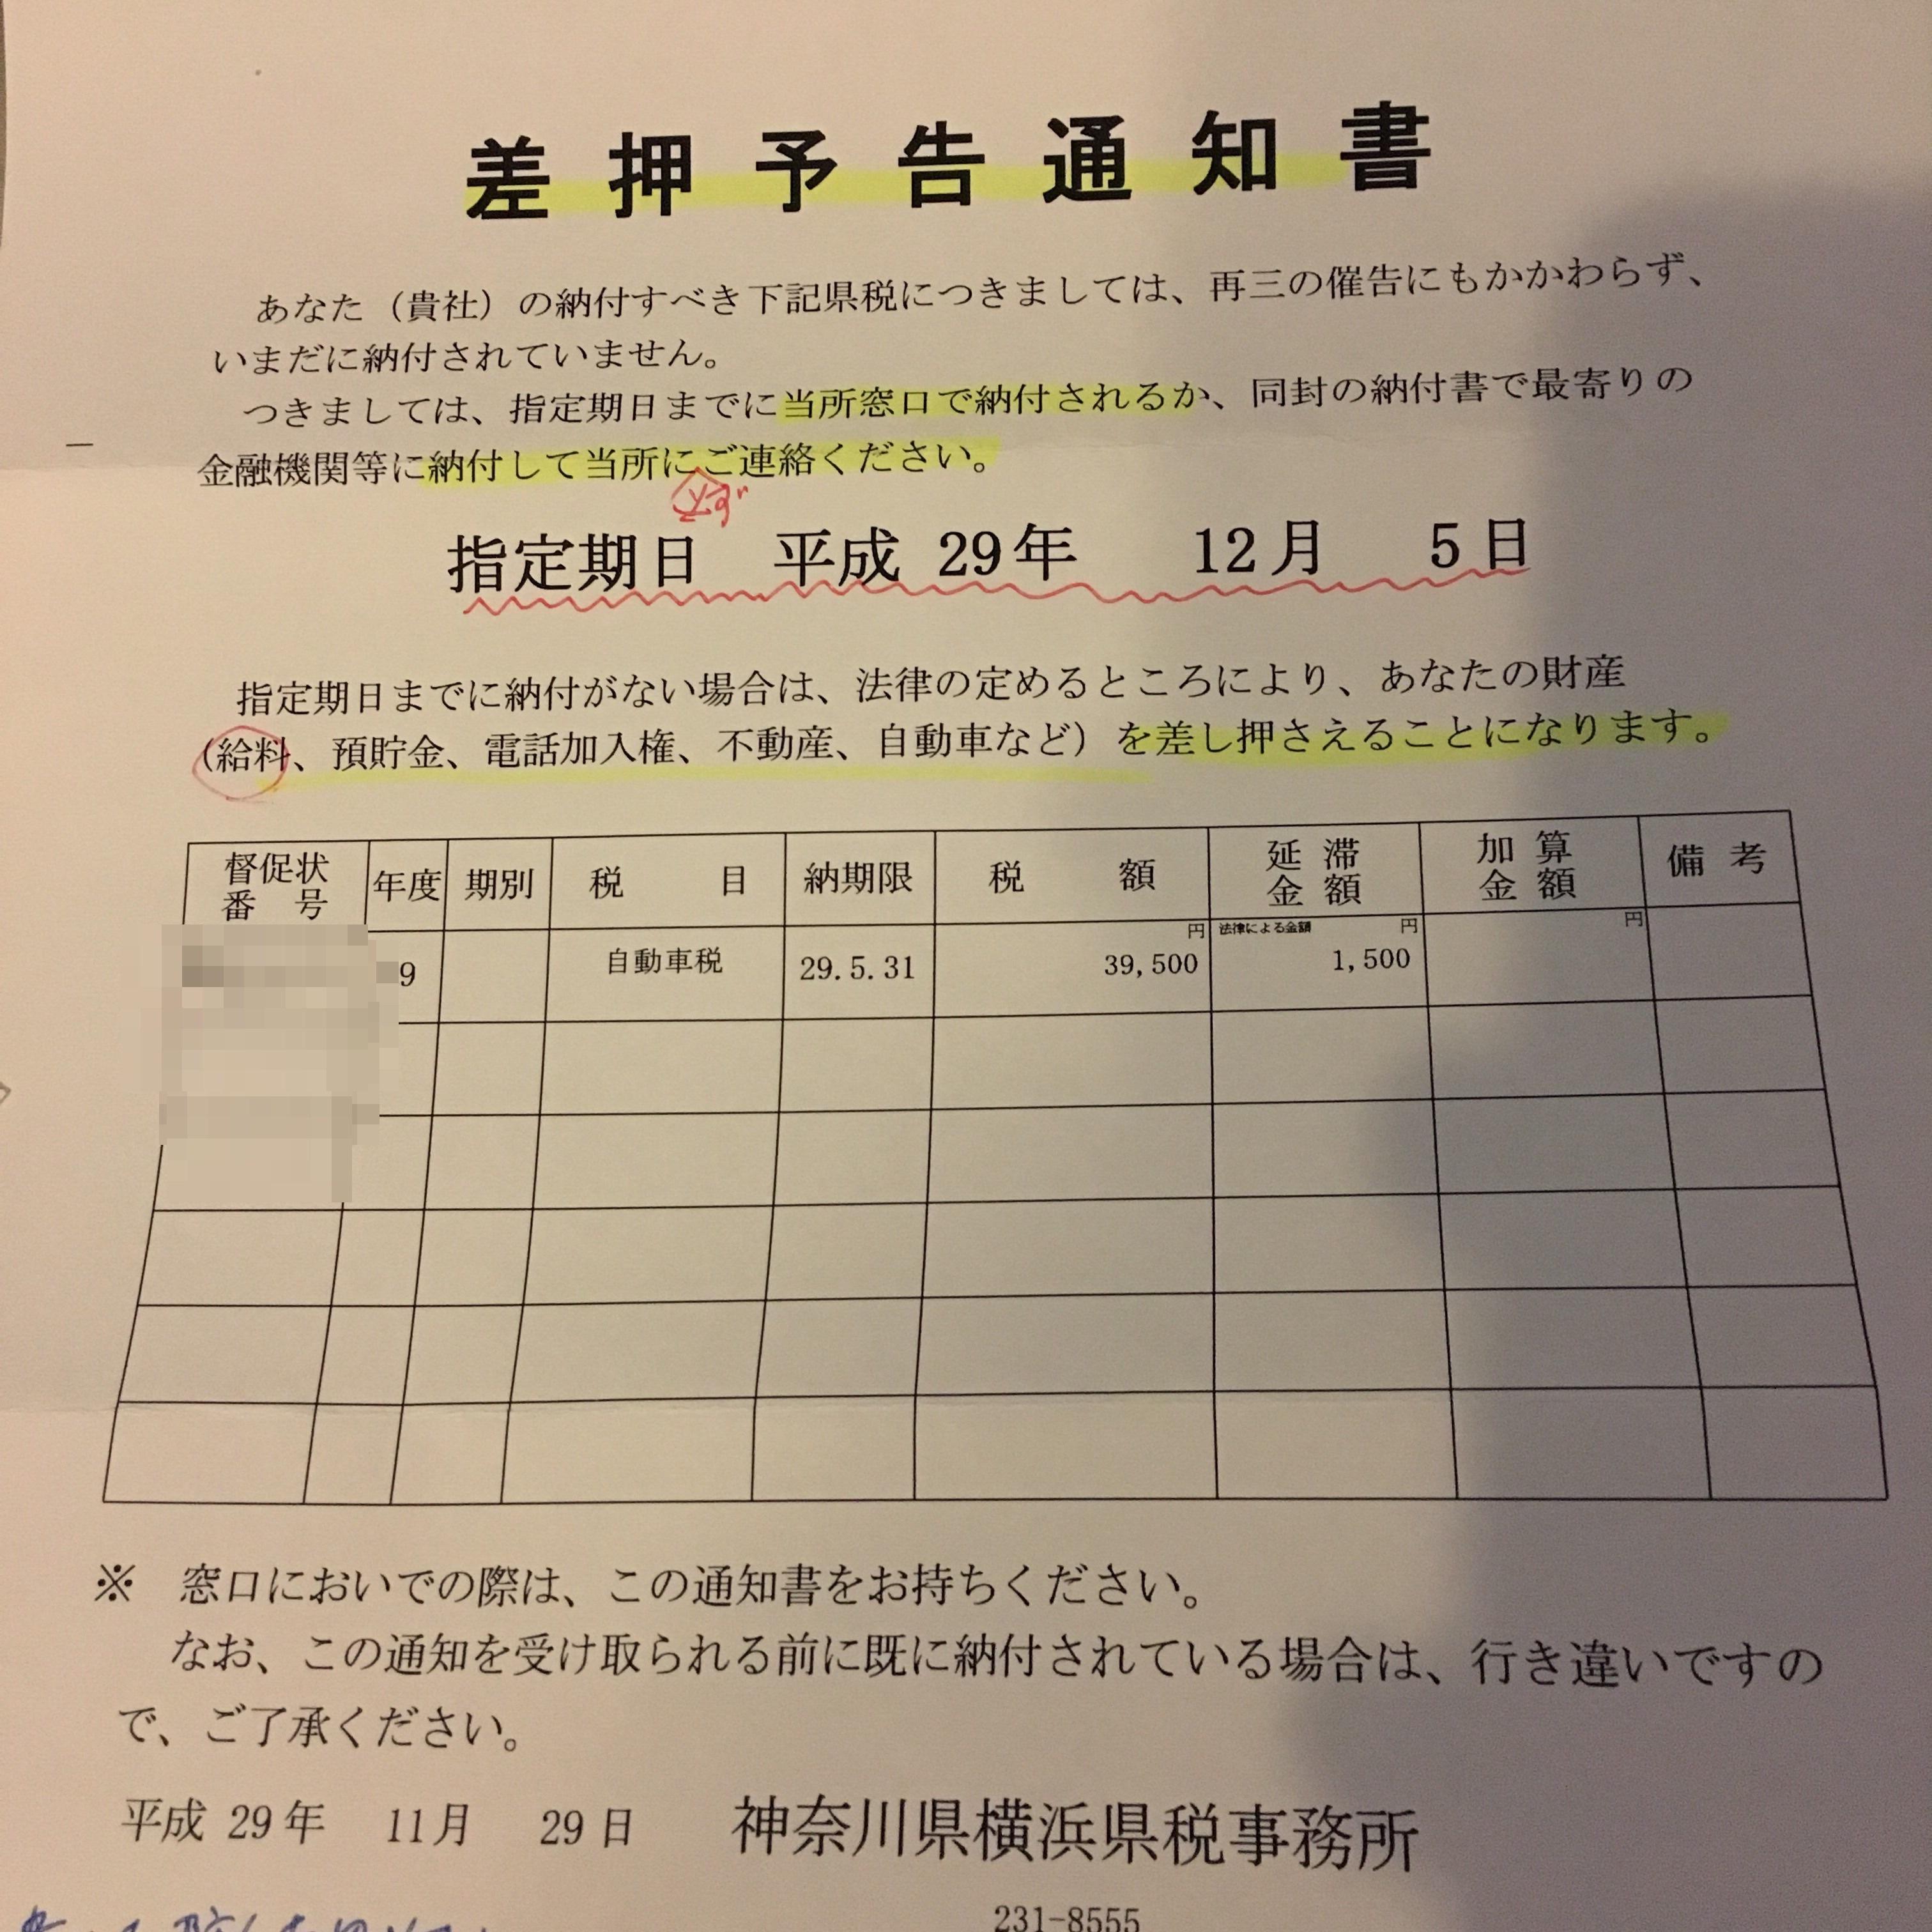 自動車税差押予告通知書